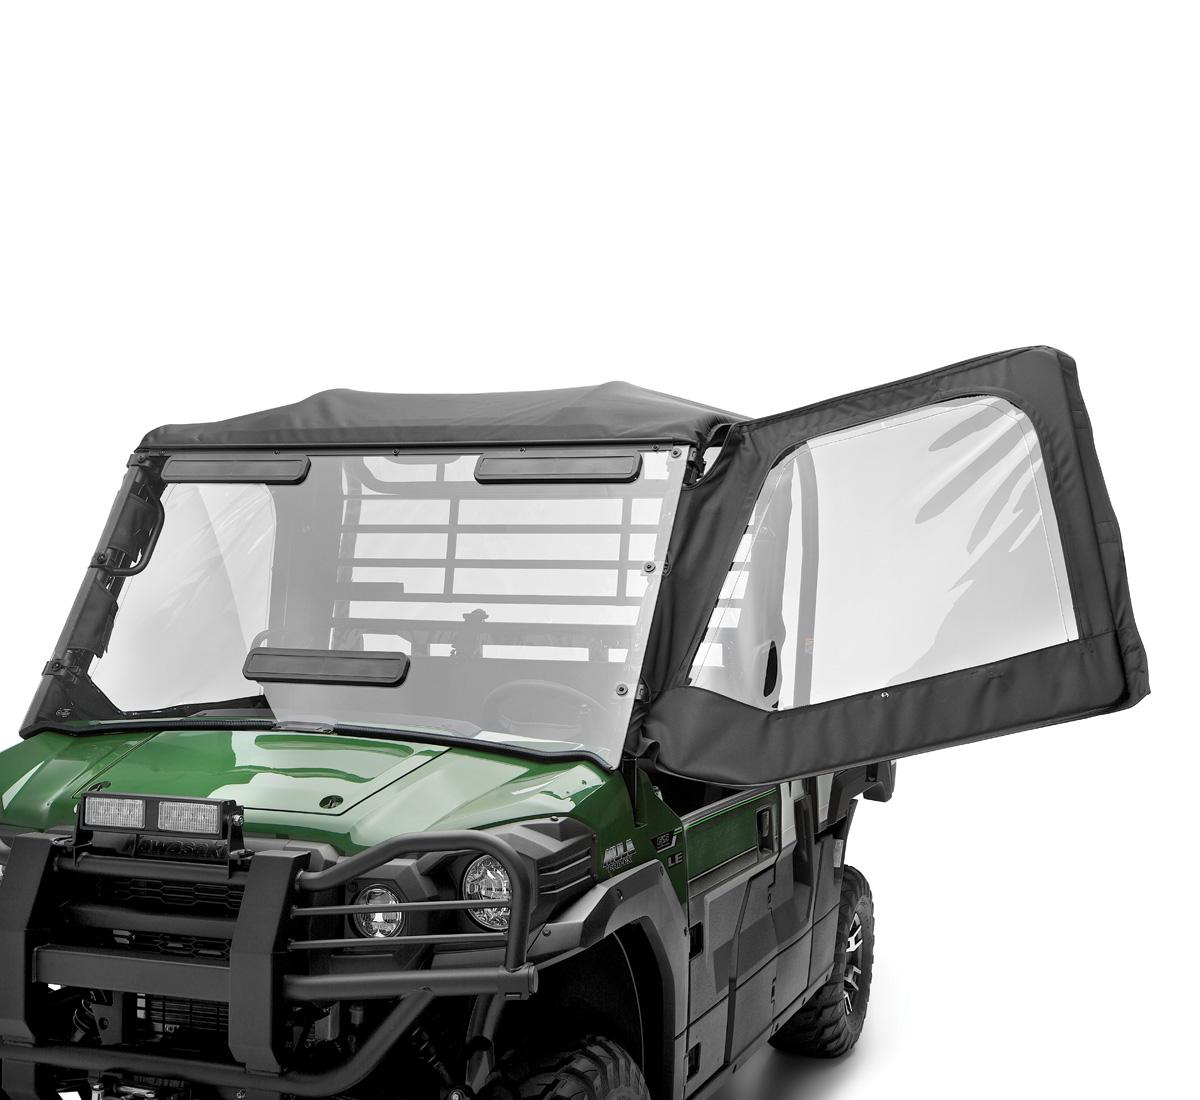 Soft Cab Enclosure Soft Door Set Black  sc 1 st  Kawasaki & Side X Side Soft Cab Enclosure Soft Door Set Black